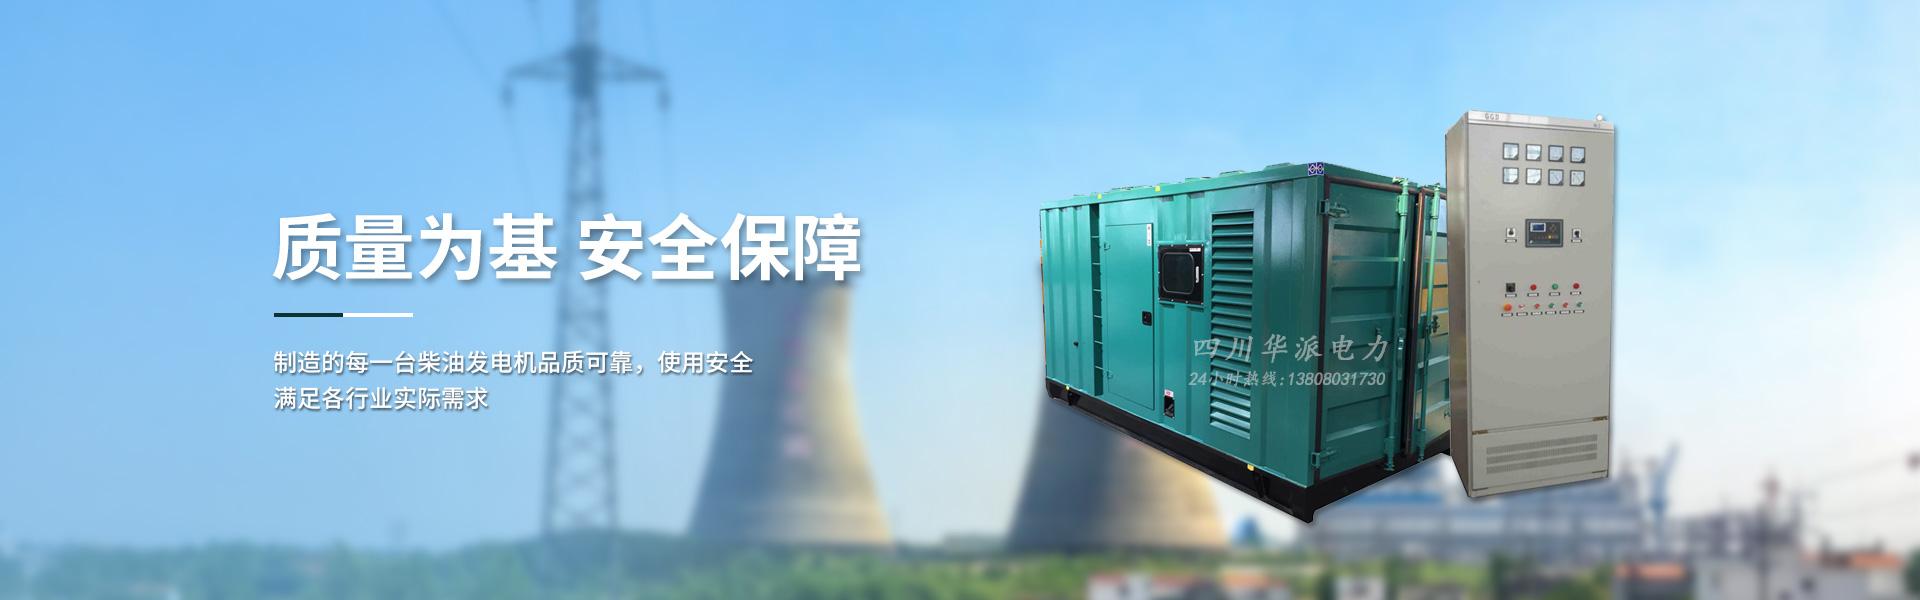 玉柴發電機組更加實用,更加放心